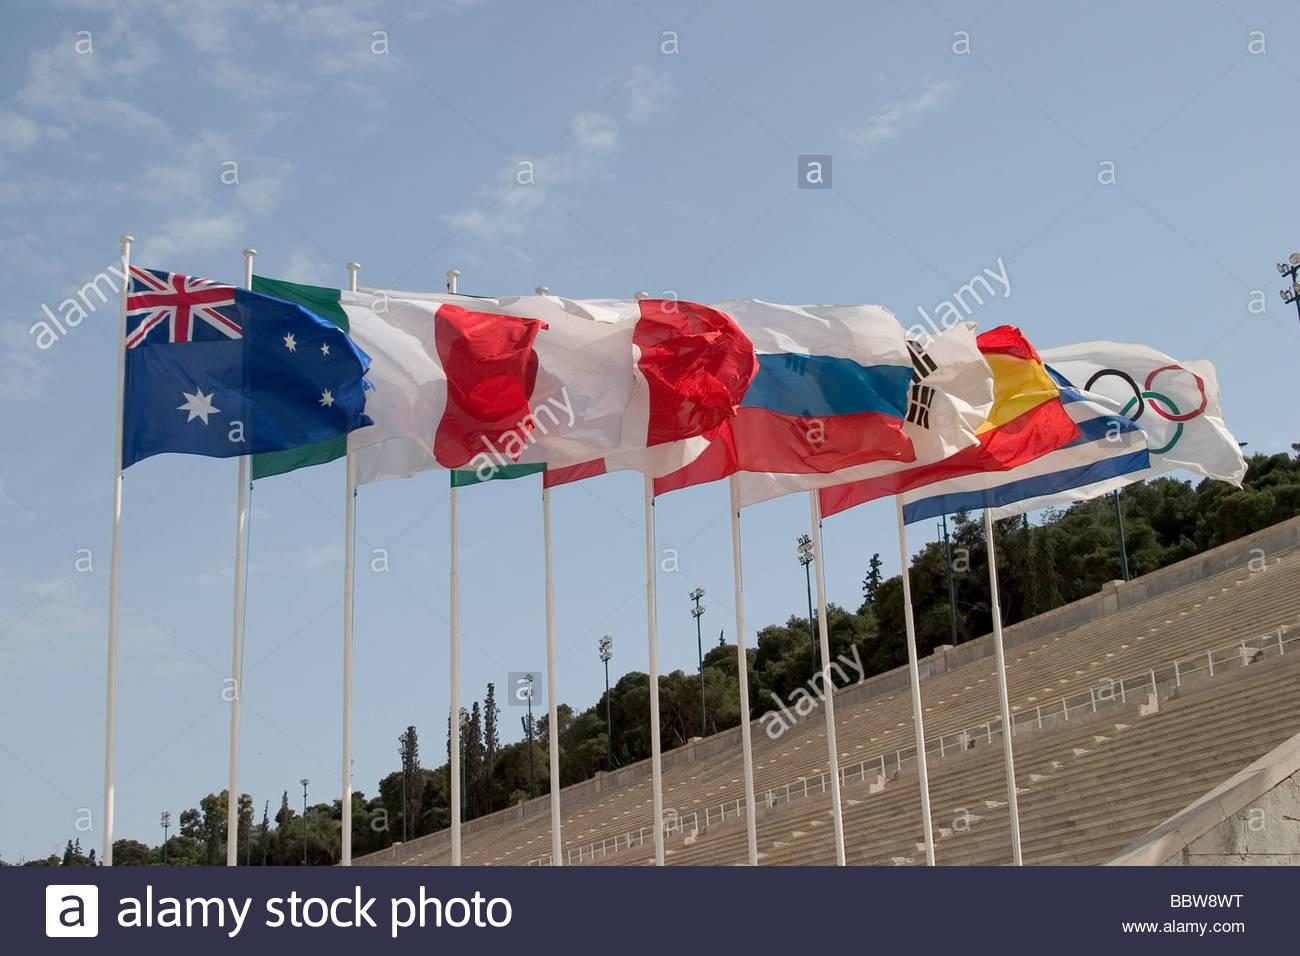 europe, greece, athens, stadium, olimpic flags - Stock Image